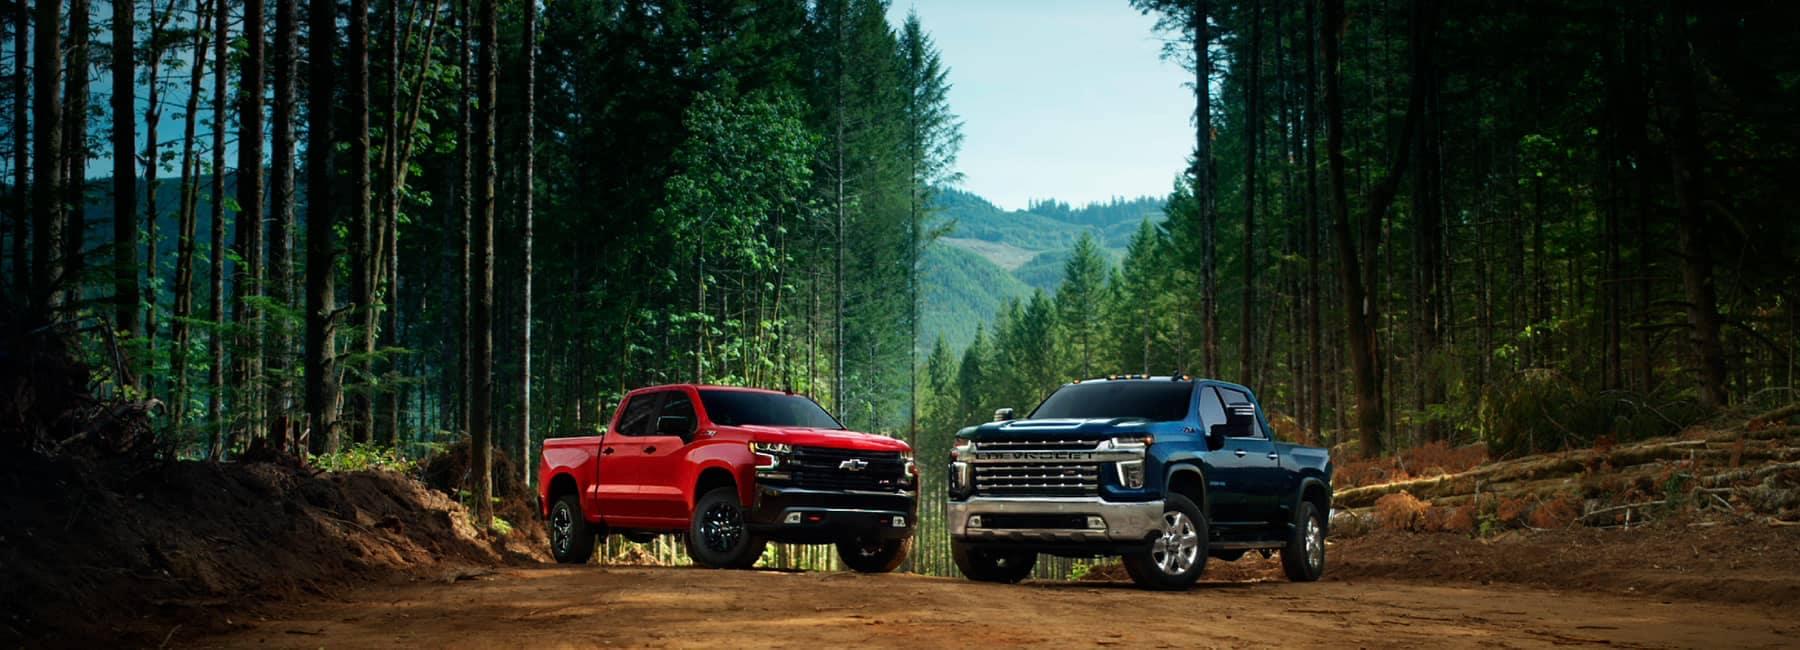 2021 Chevrolet Silverado Lineup